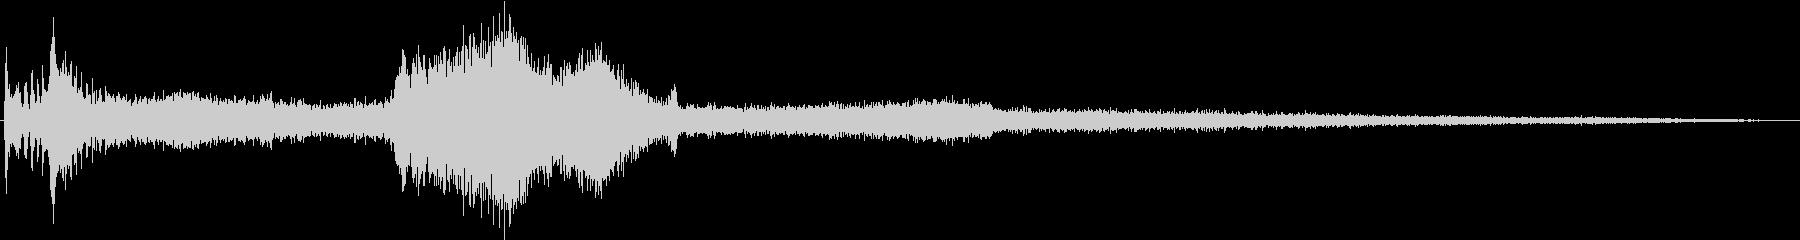 ハマーH2 Suv:Ext:スター...の未再生の波形